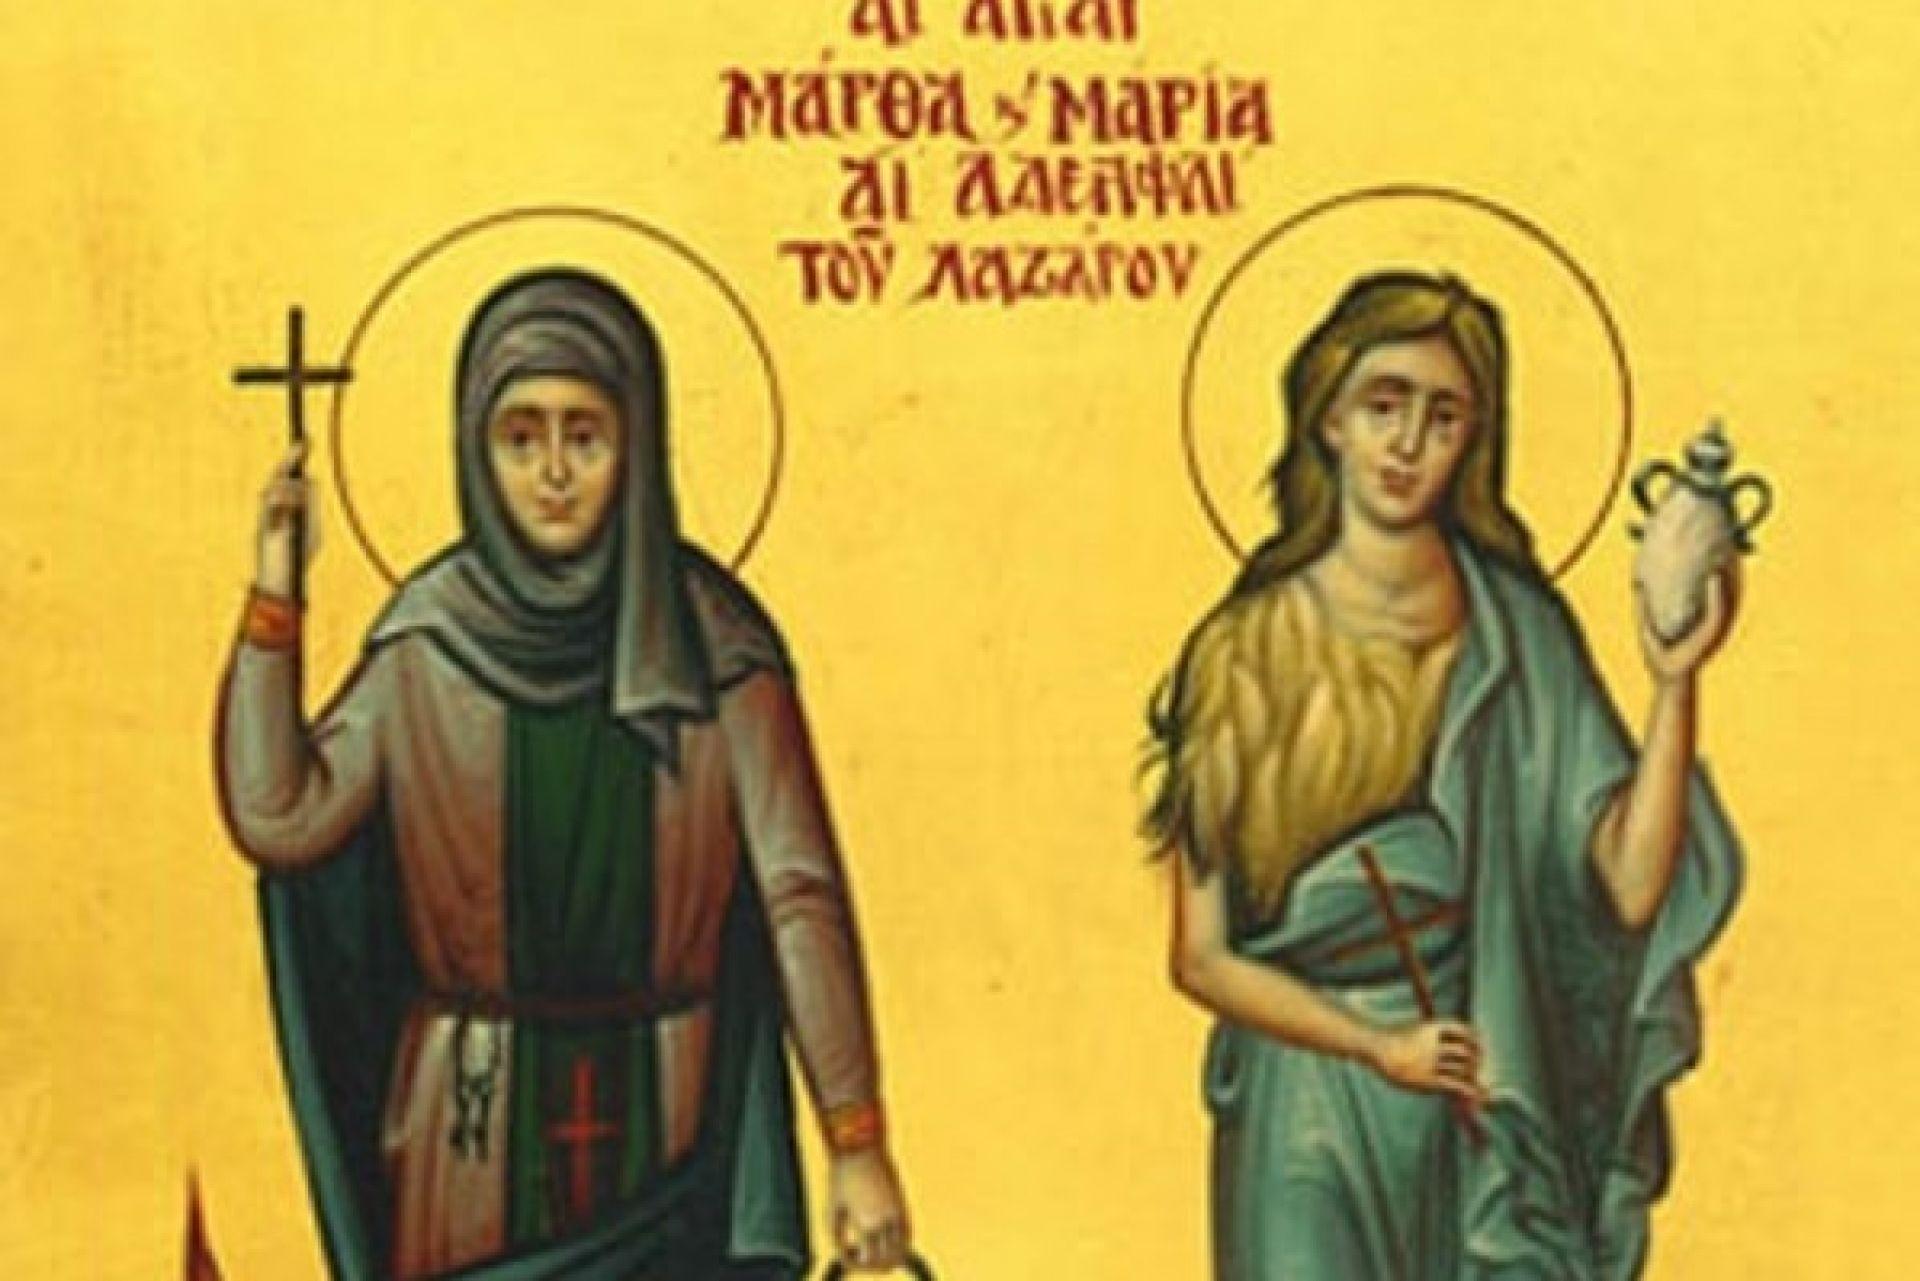 Αγίες Μάρθα και Μαρία : Οι αδελφές του Λαζάρου